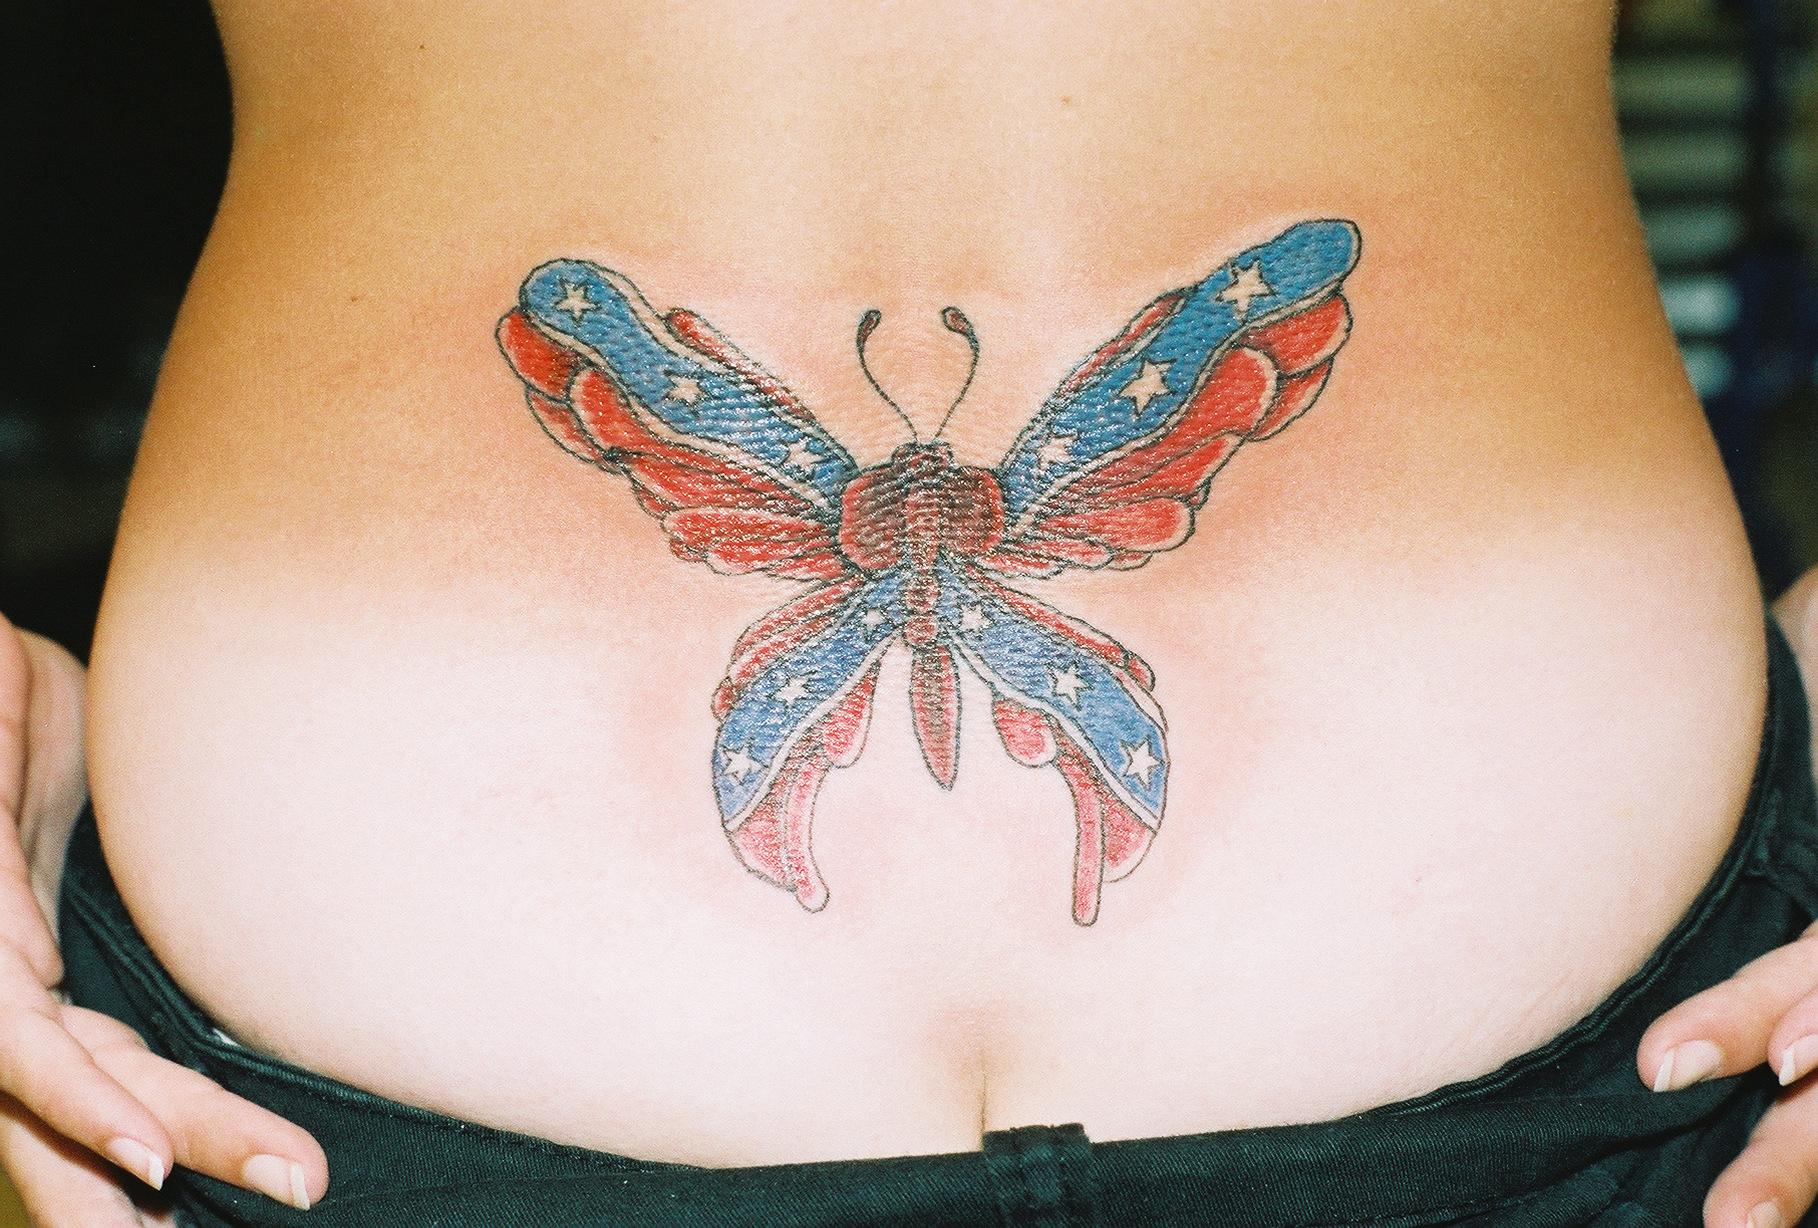 rebel butterfly by katyadraco